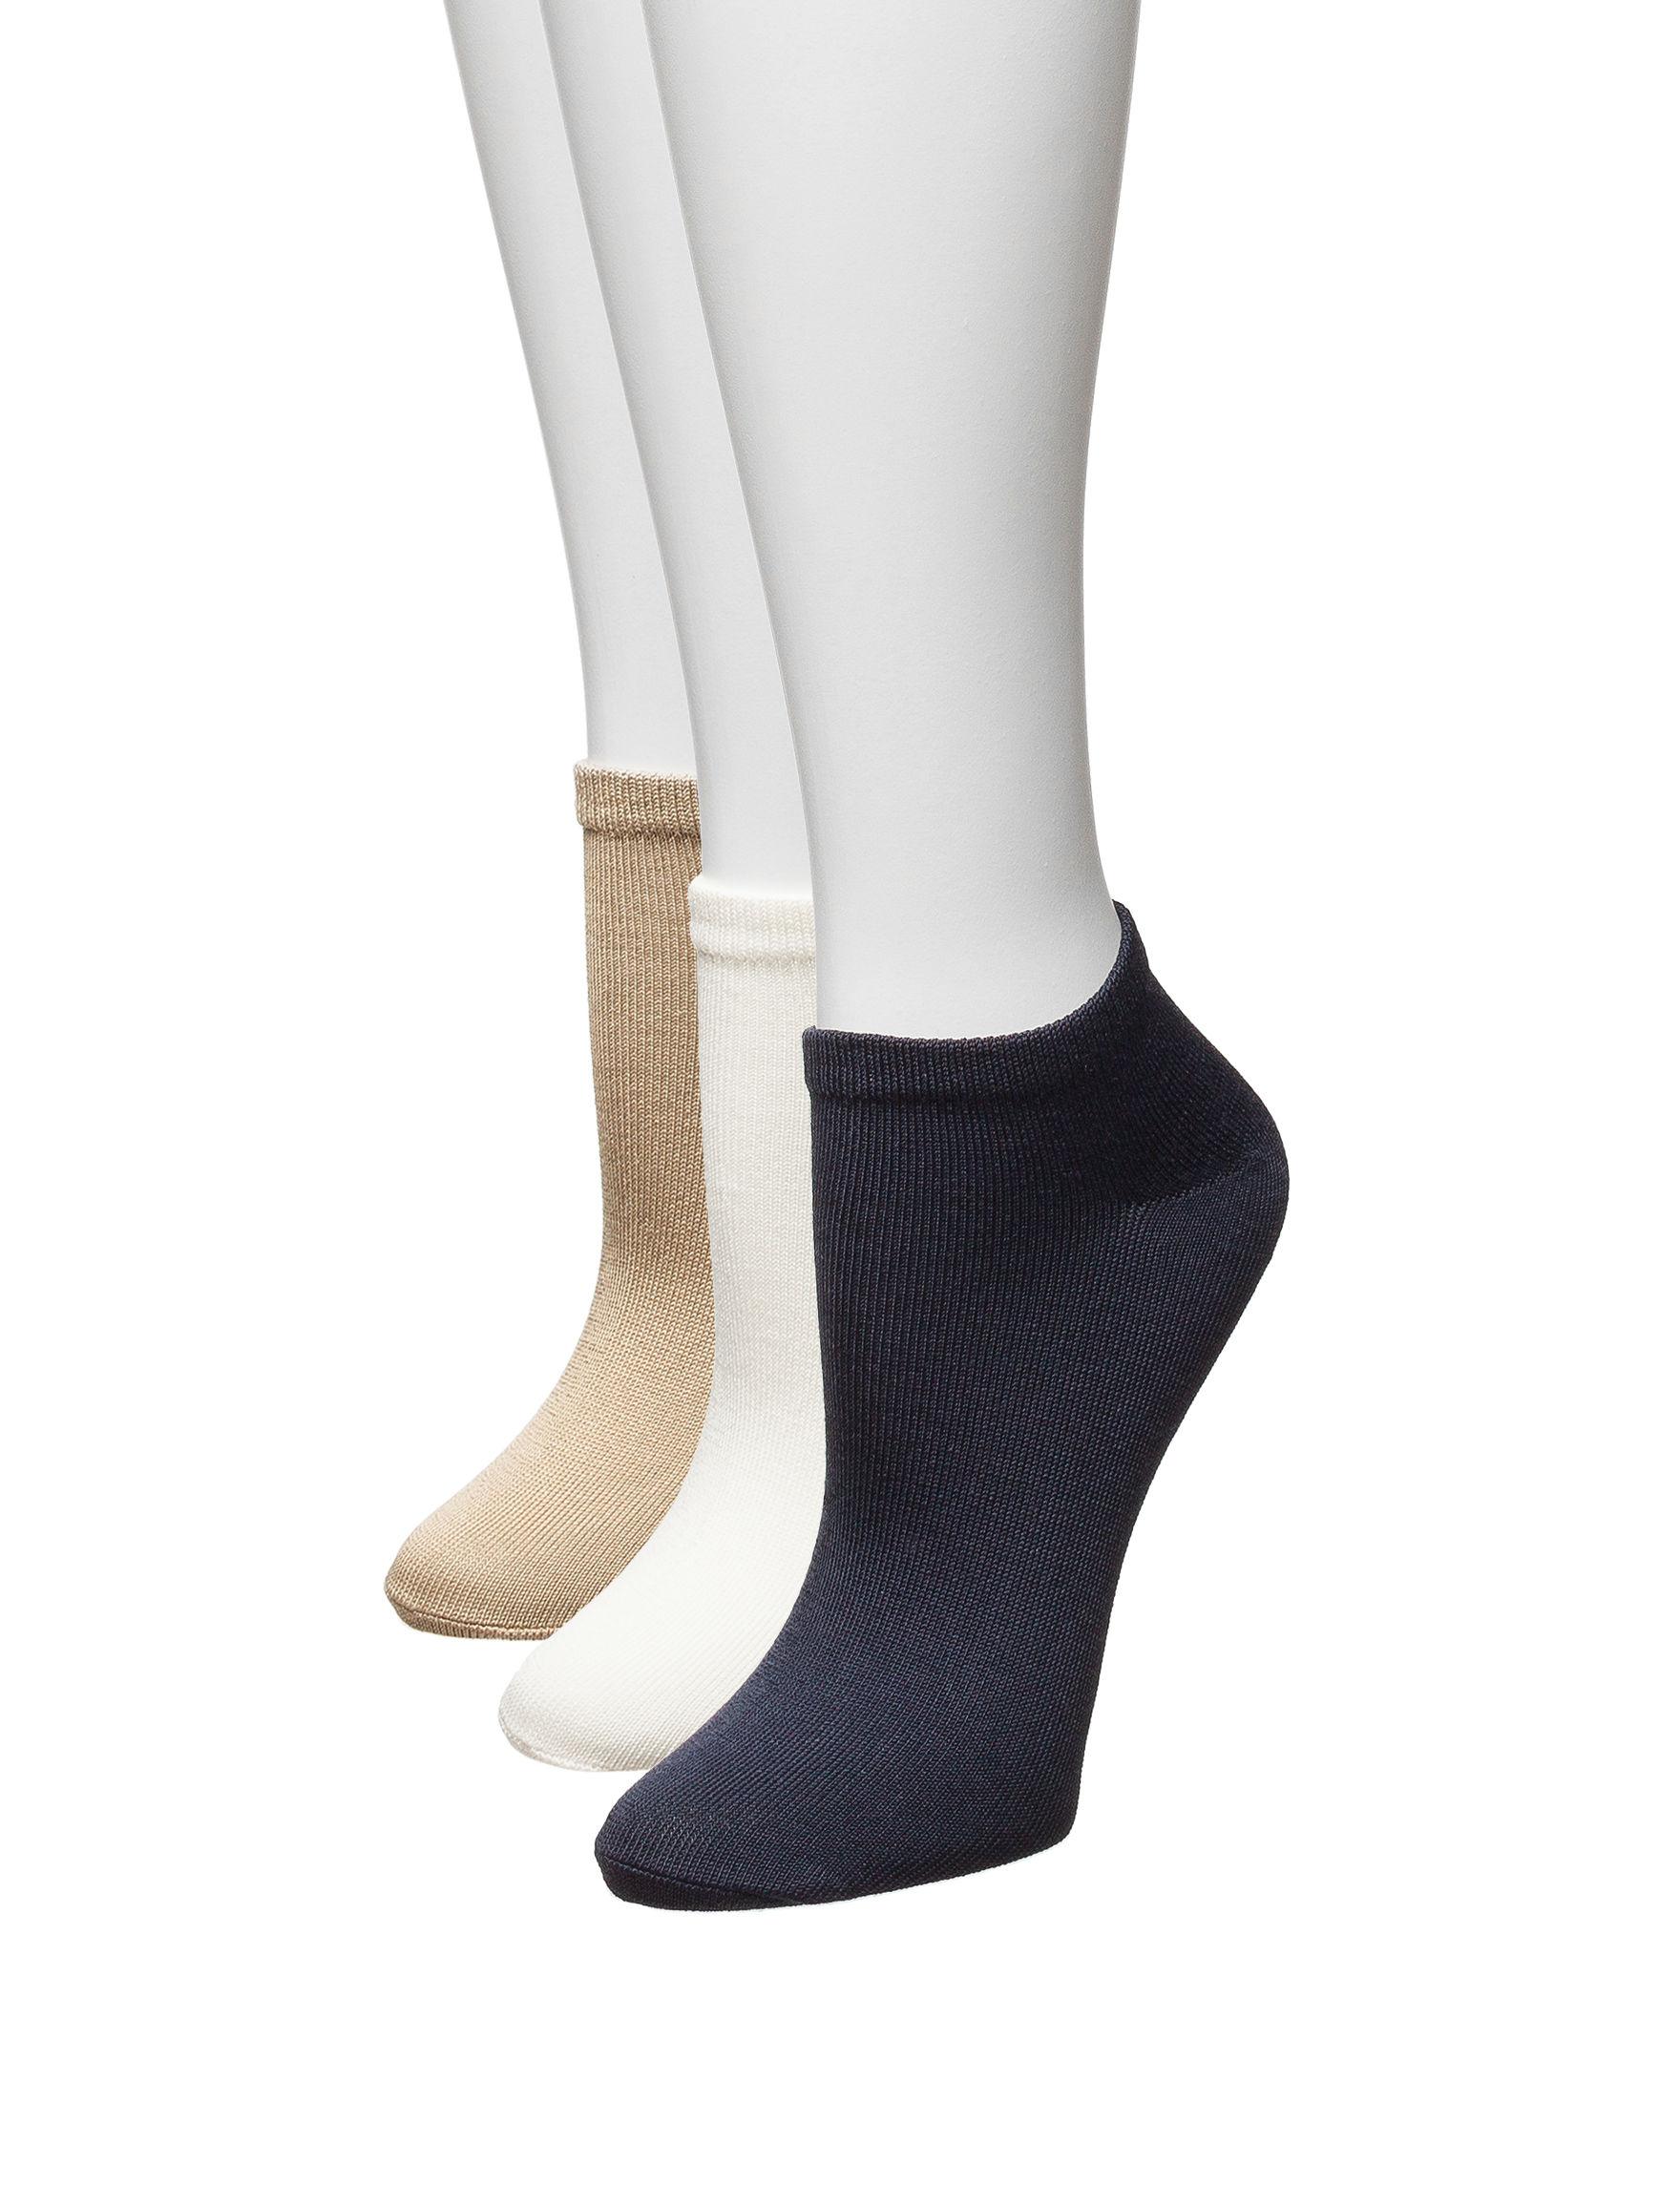 Hanes Ivory / Tan / Navy Socks